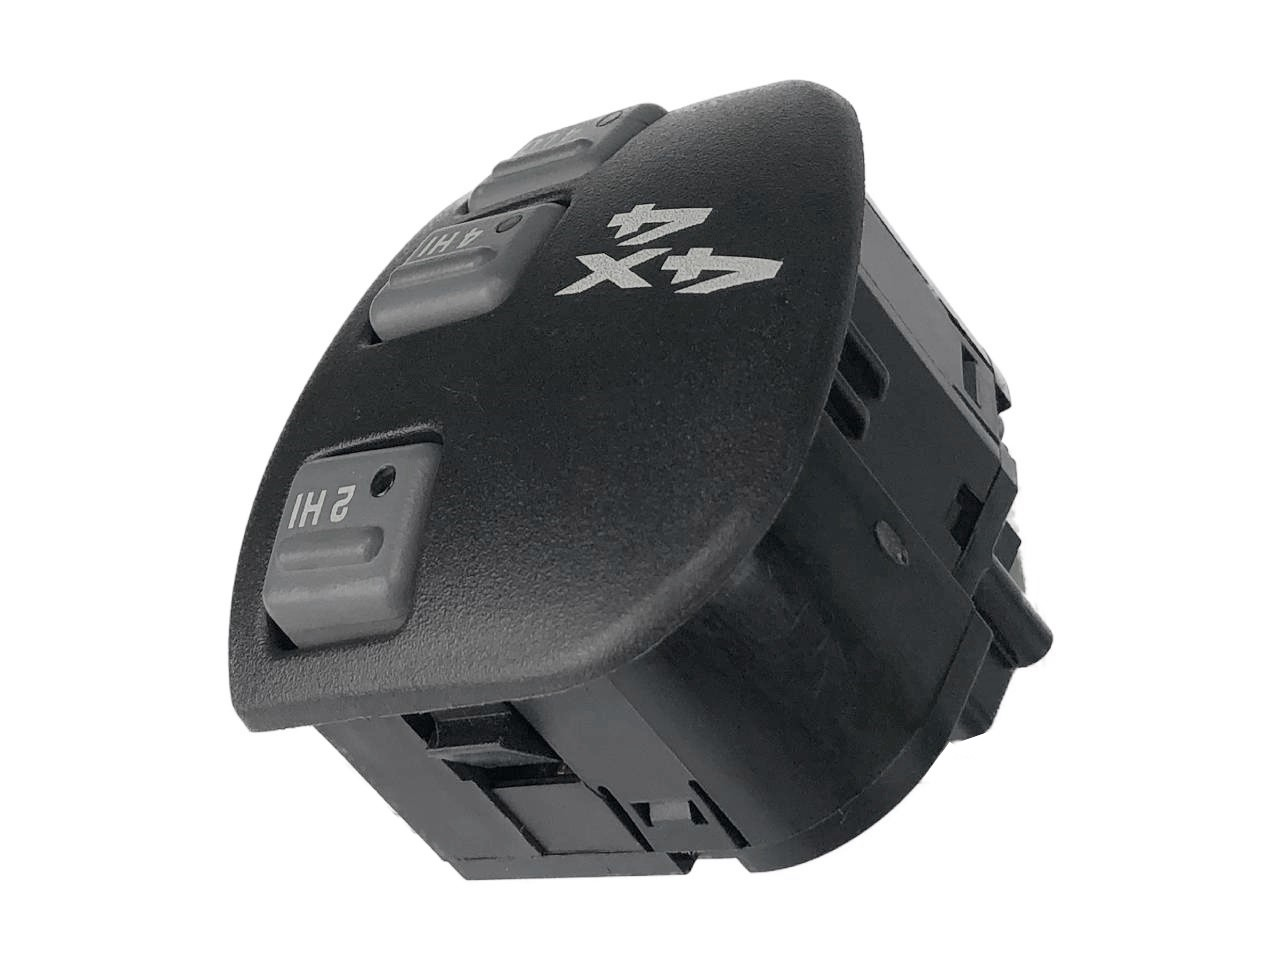 Botão Interruptor de Acionamento Acionador Da Tração 4x4 z0191 15037124 Gm S10 Blazer 2001 2002 2003 2004 2005 2006 2007 2008 2009 2010 2011